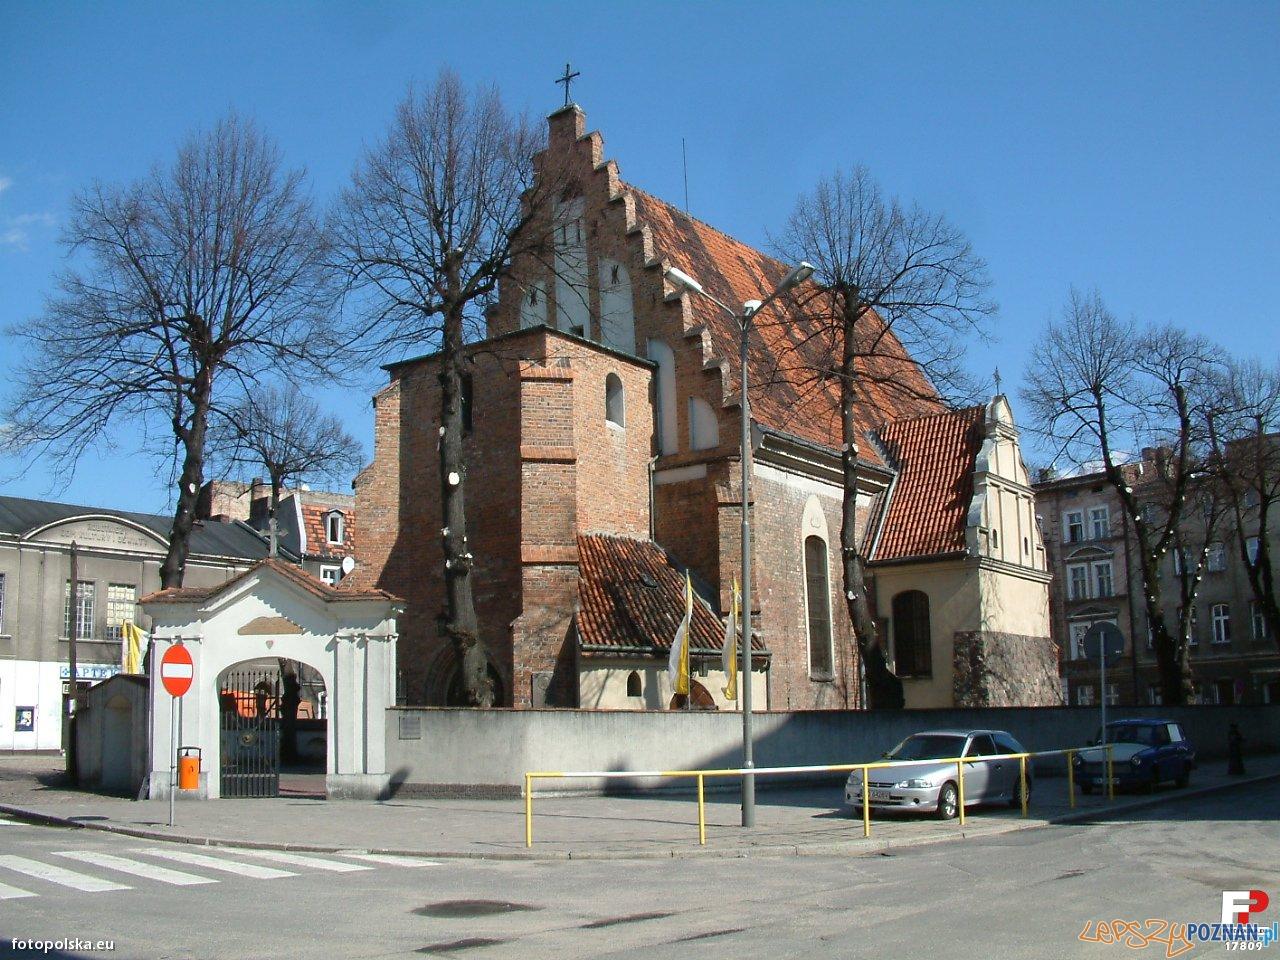 Kościół Św. Małgorzaty na Śródce z XVI wieku Foto: fotopolska.eu